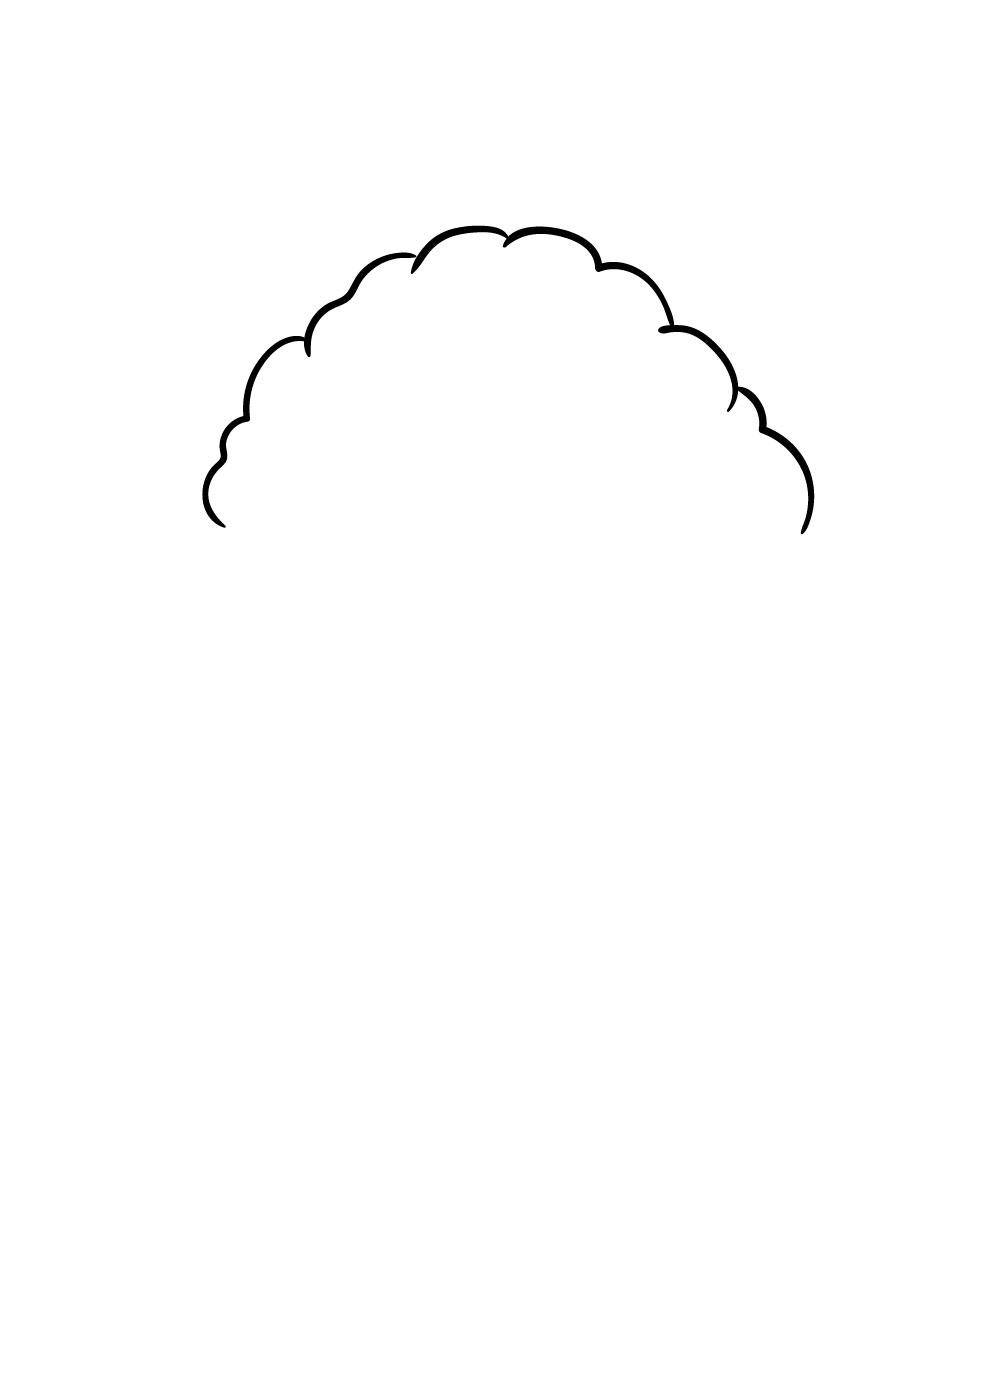 vẽ cây bước 2